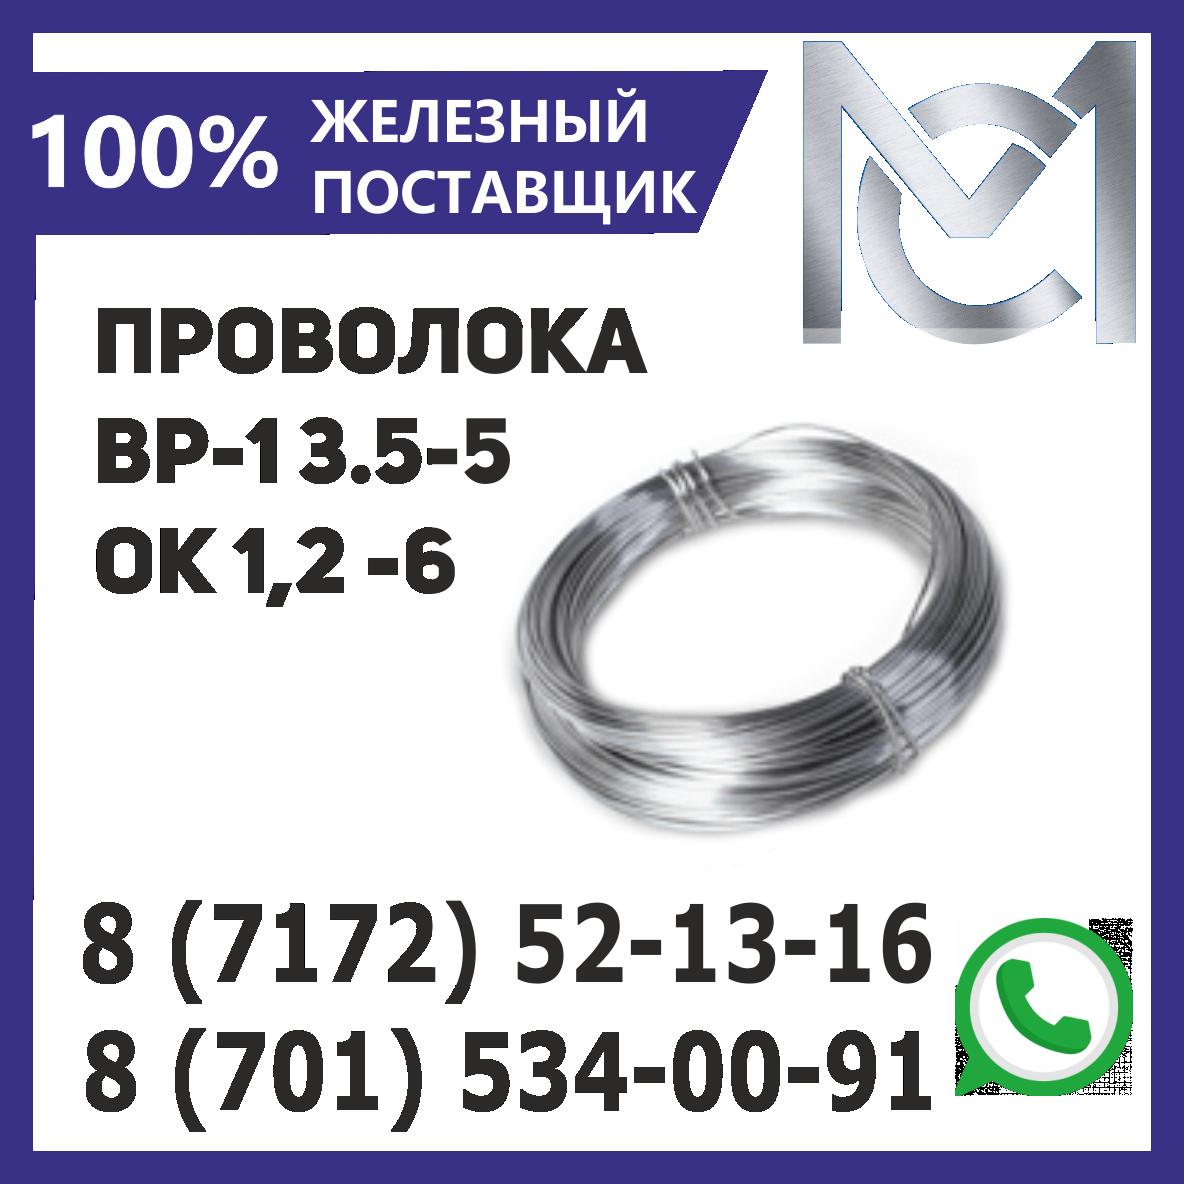 Проволока ВР-1  4,8 - 5,0 бухты